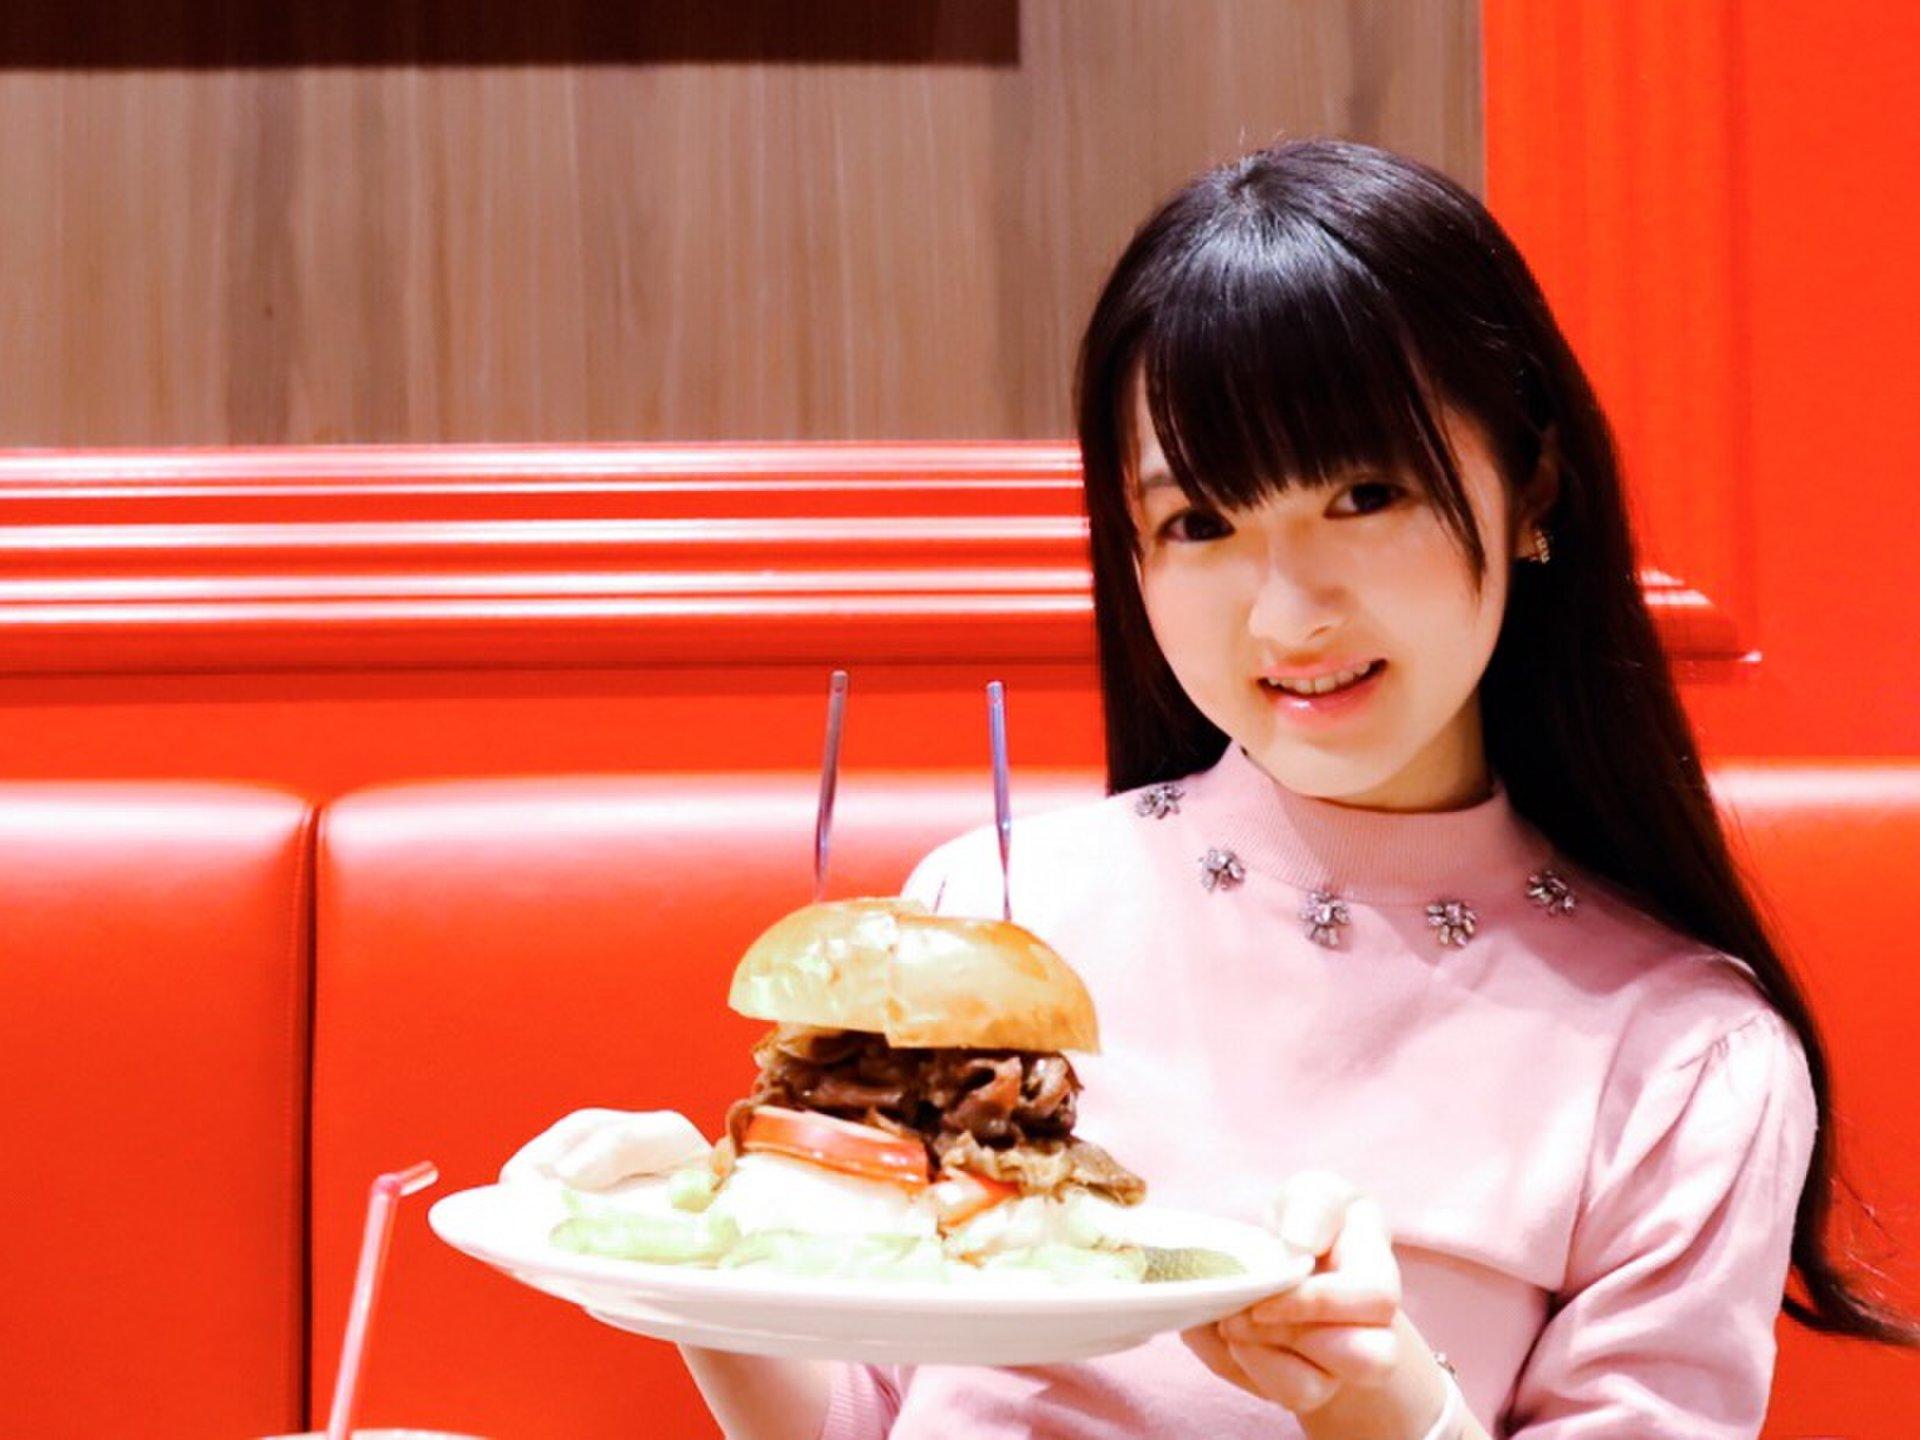 日本橋のおしゃれレストラン7選♡ジャンルごとに雰囲気抜群のお店を厳選